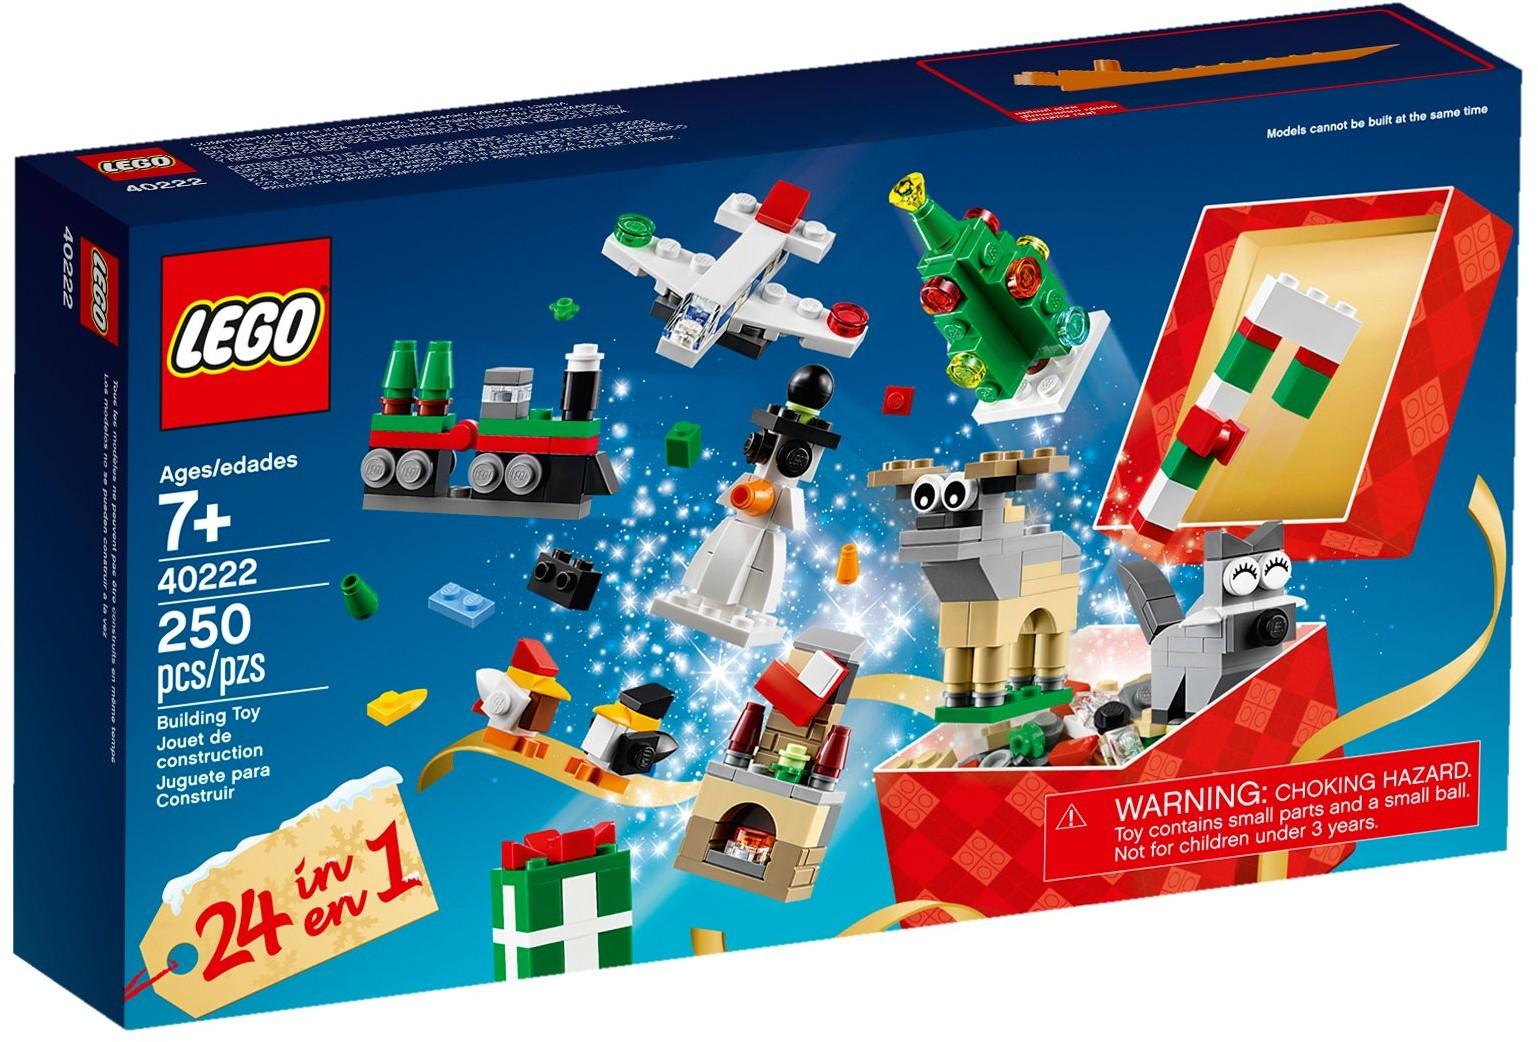 LEGO 40222 Vánoční stavění 24 v 1